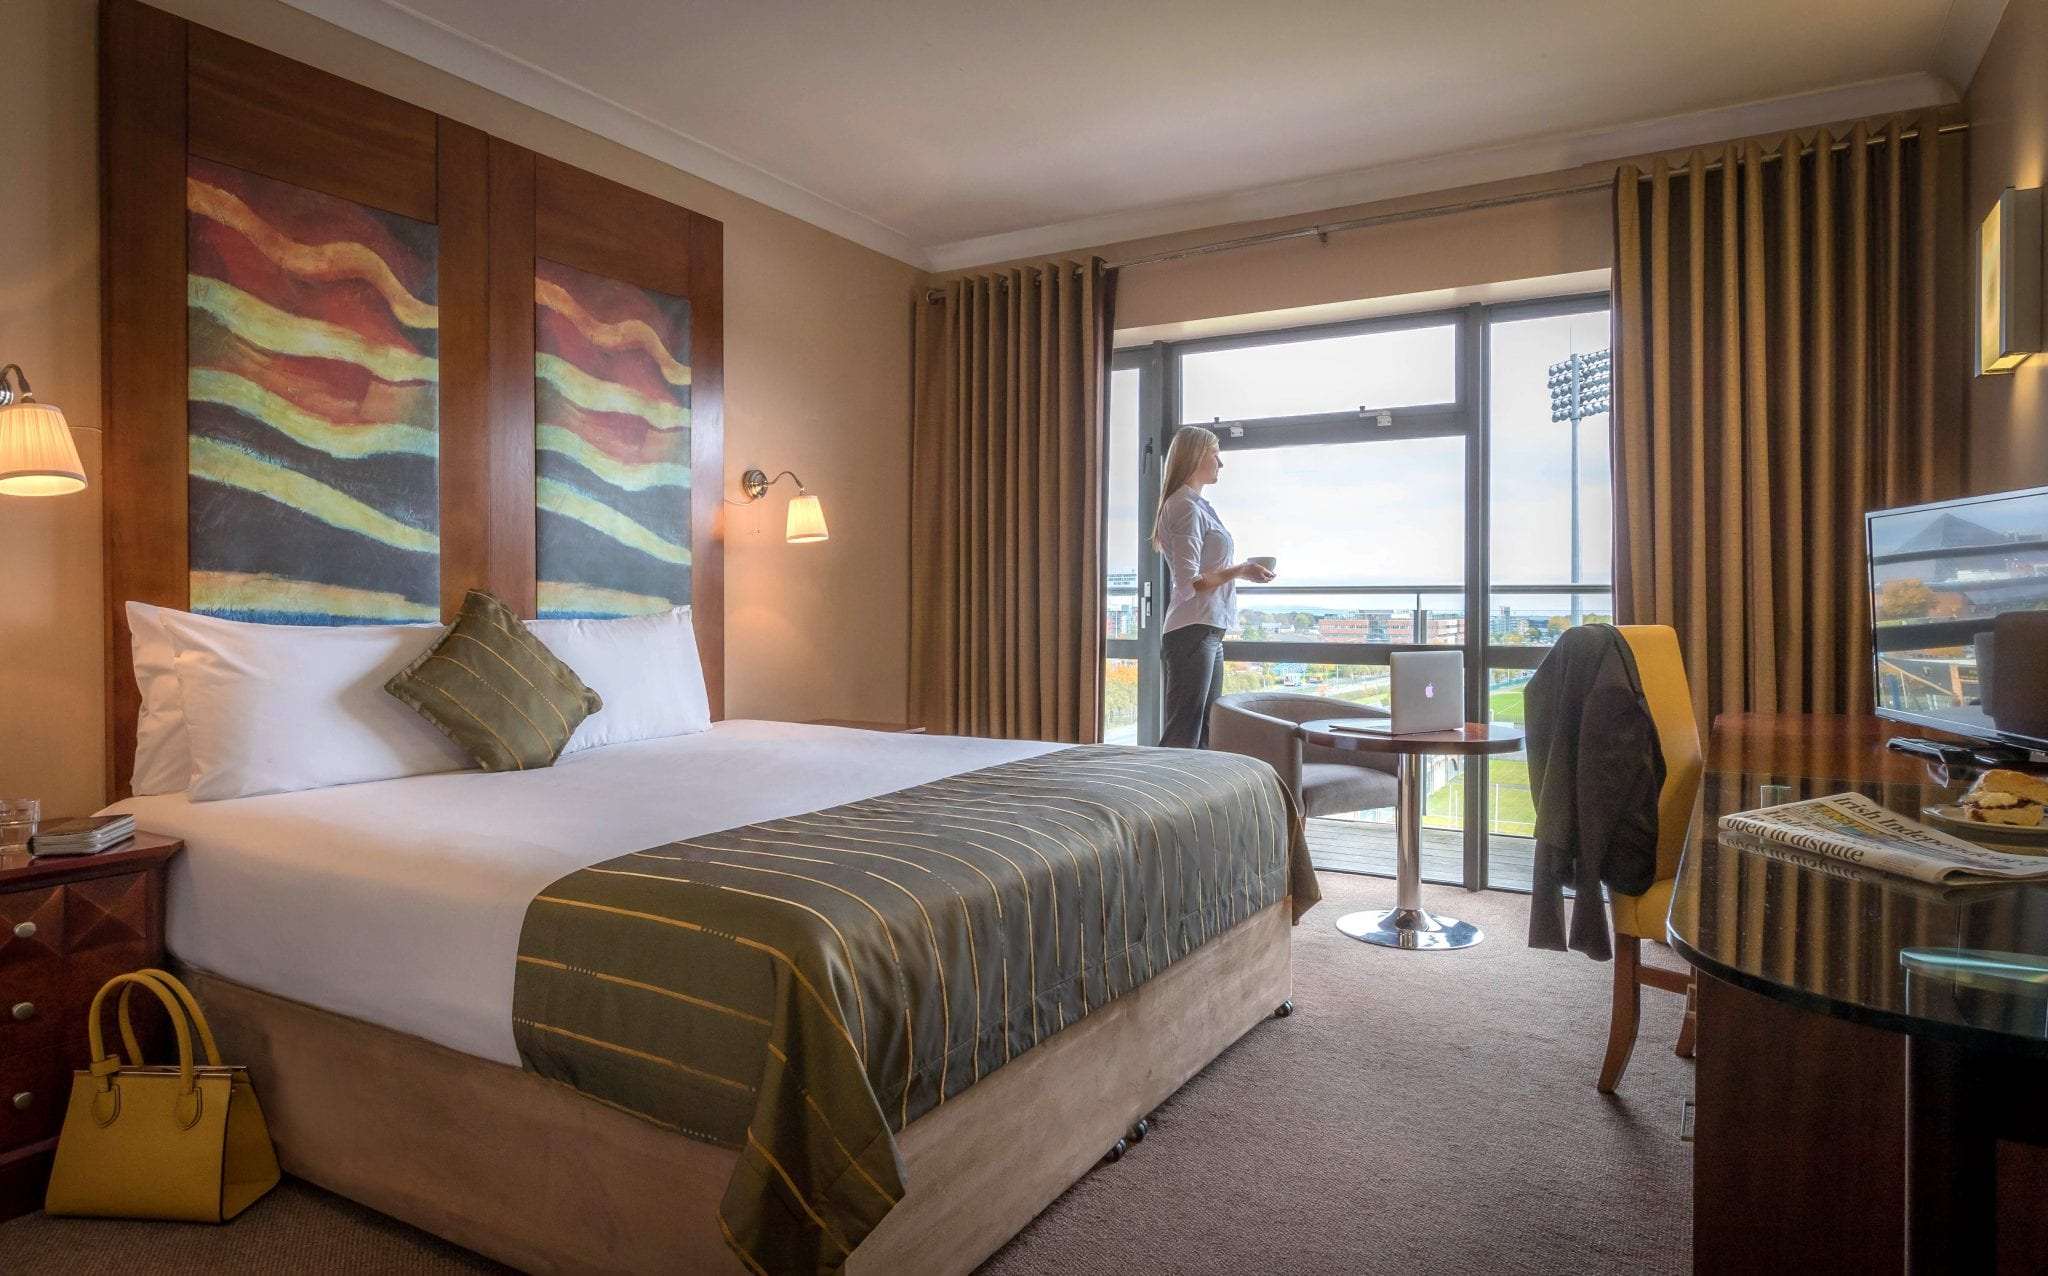 Superior-Room-Maldron-Hotel-Tallaght